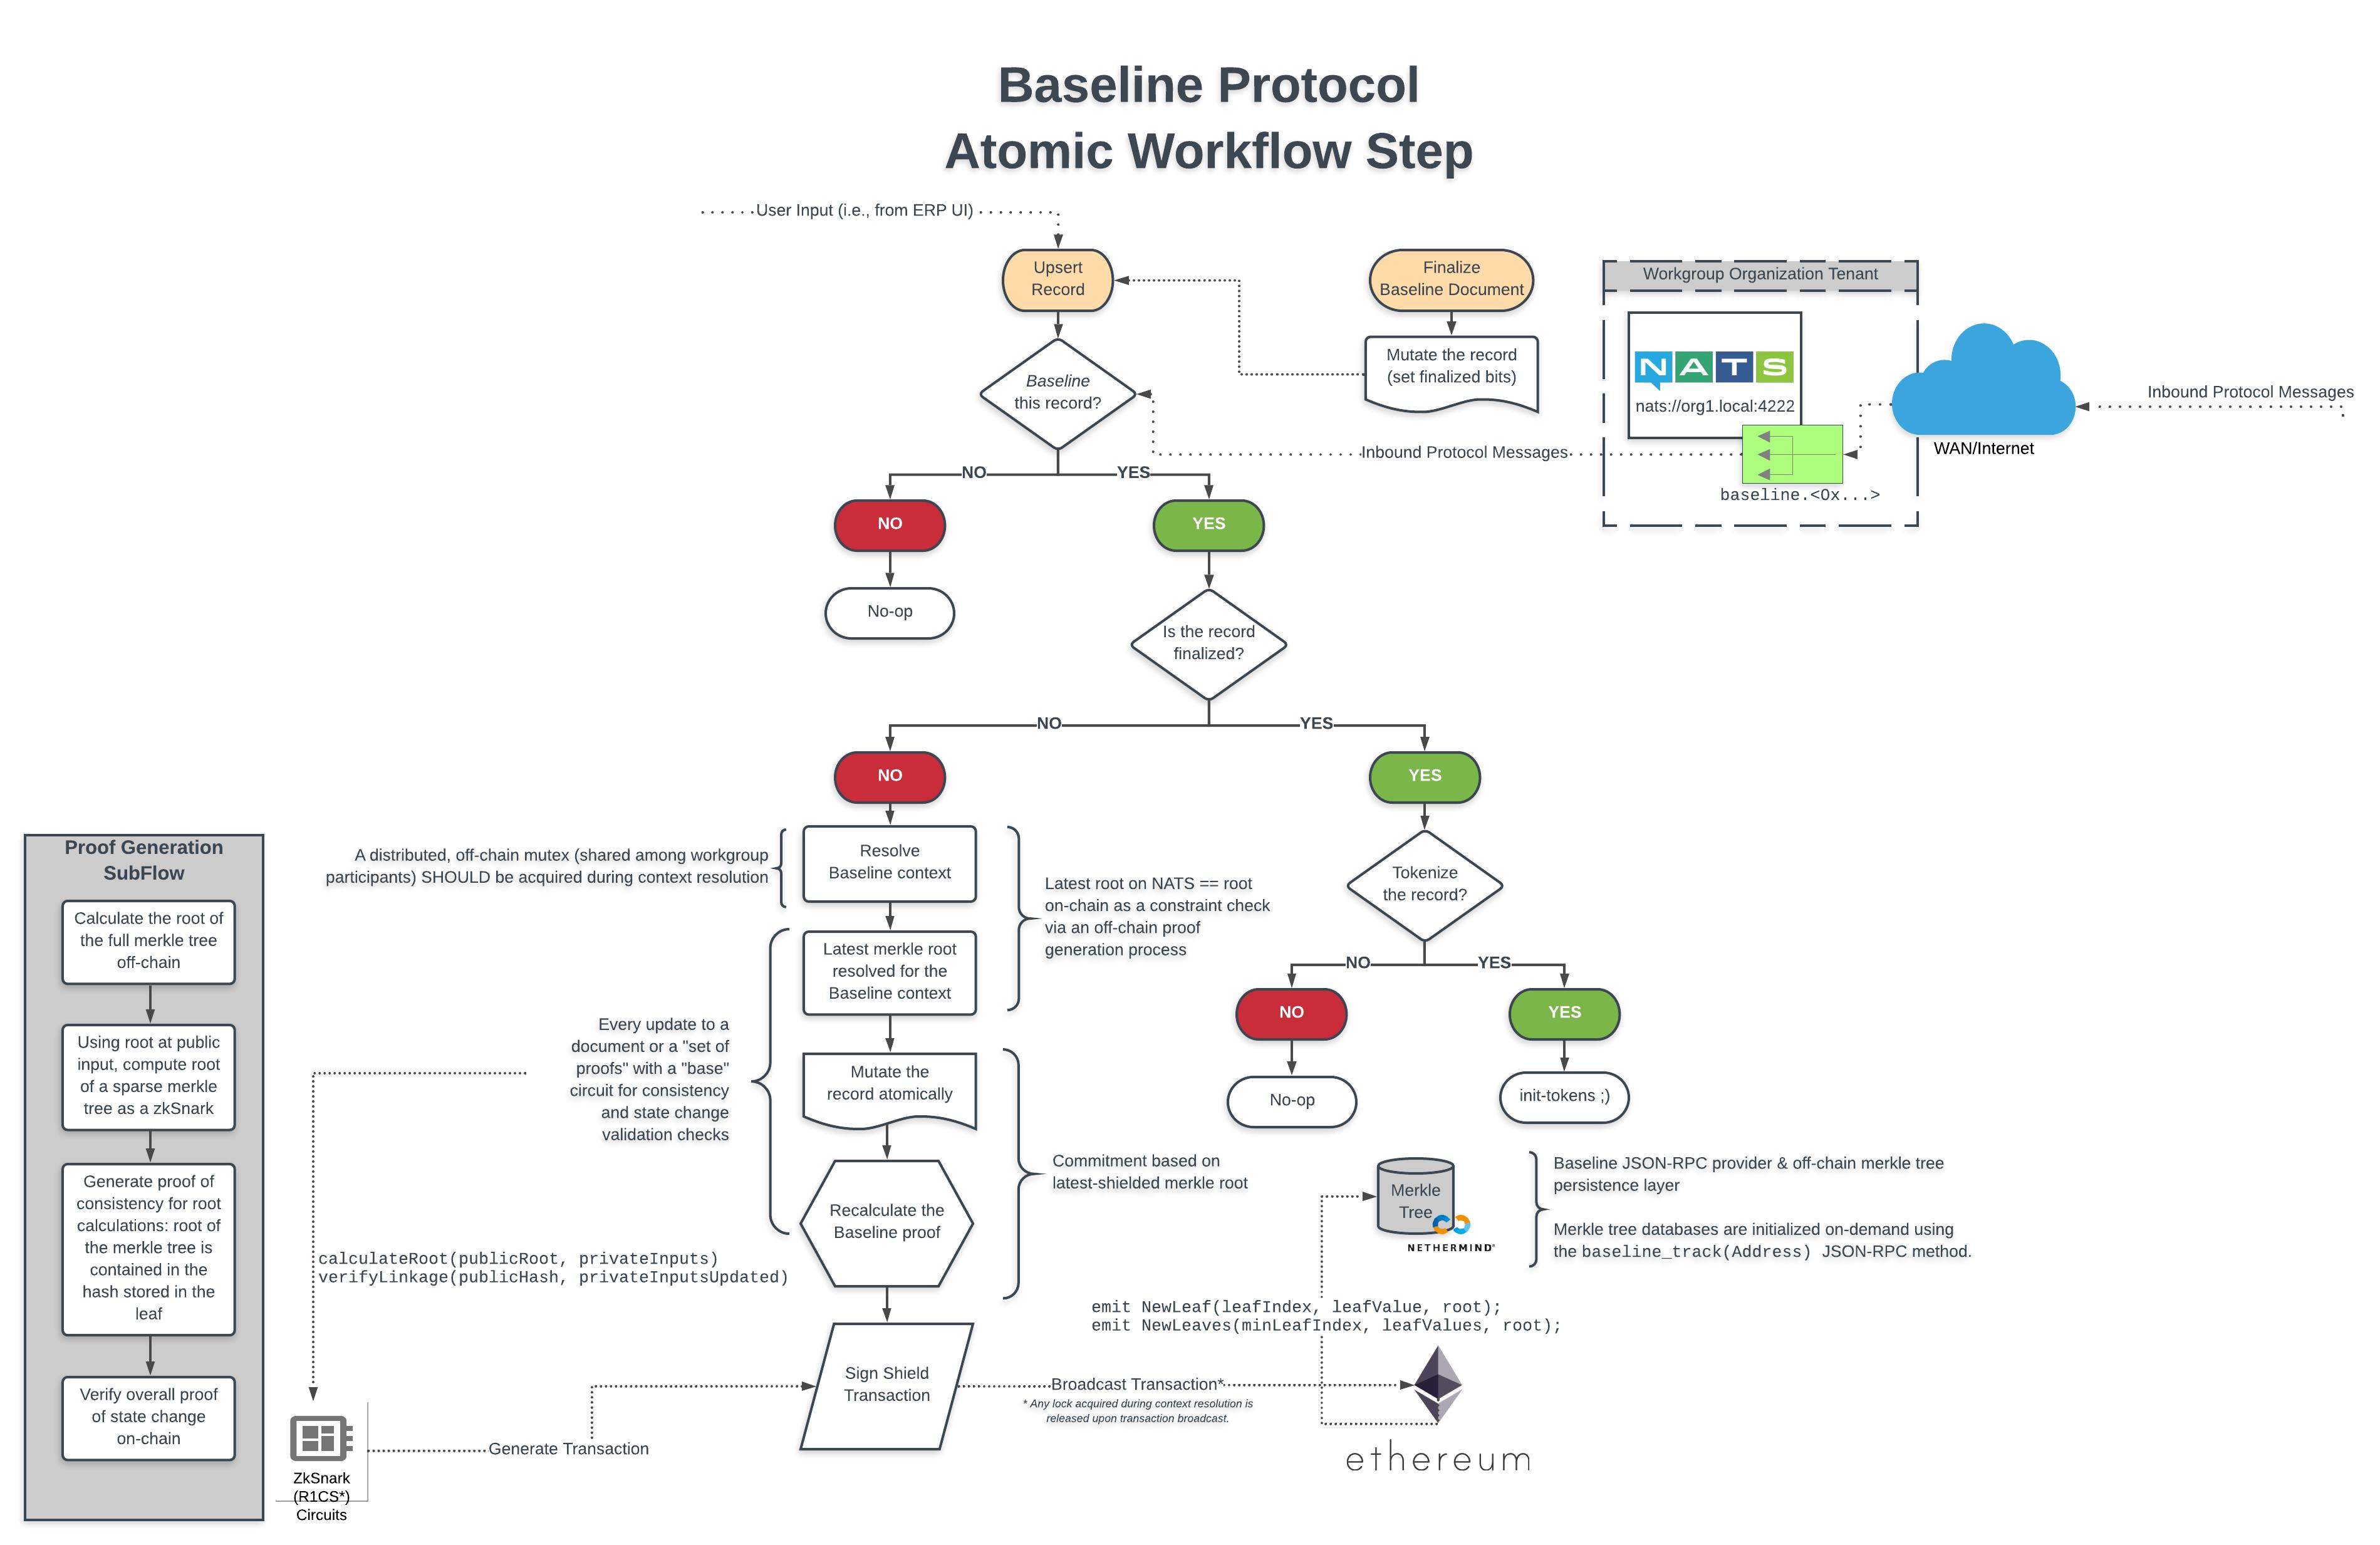 baseline-protocol-architecture